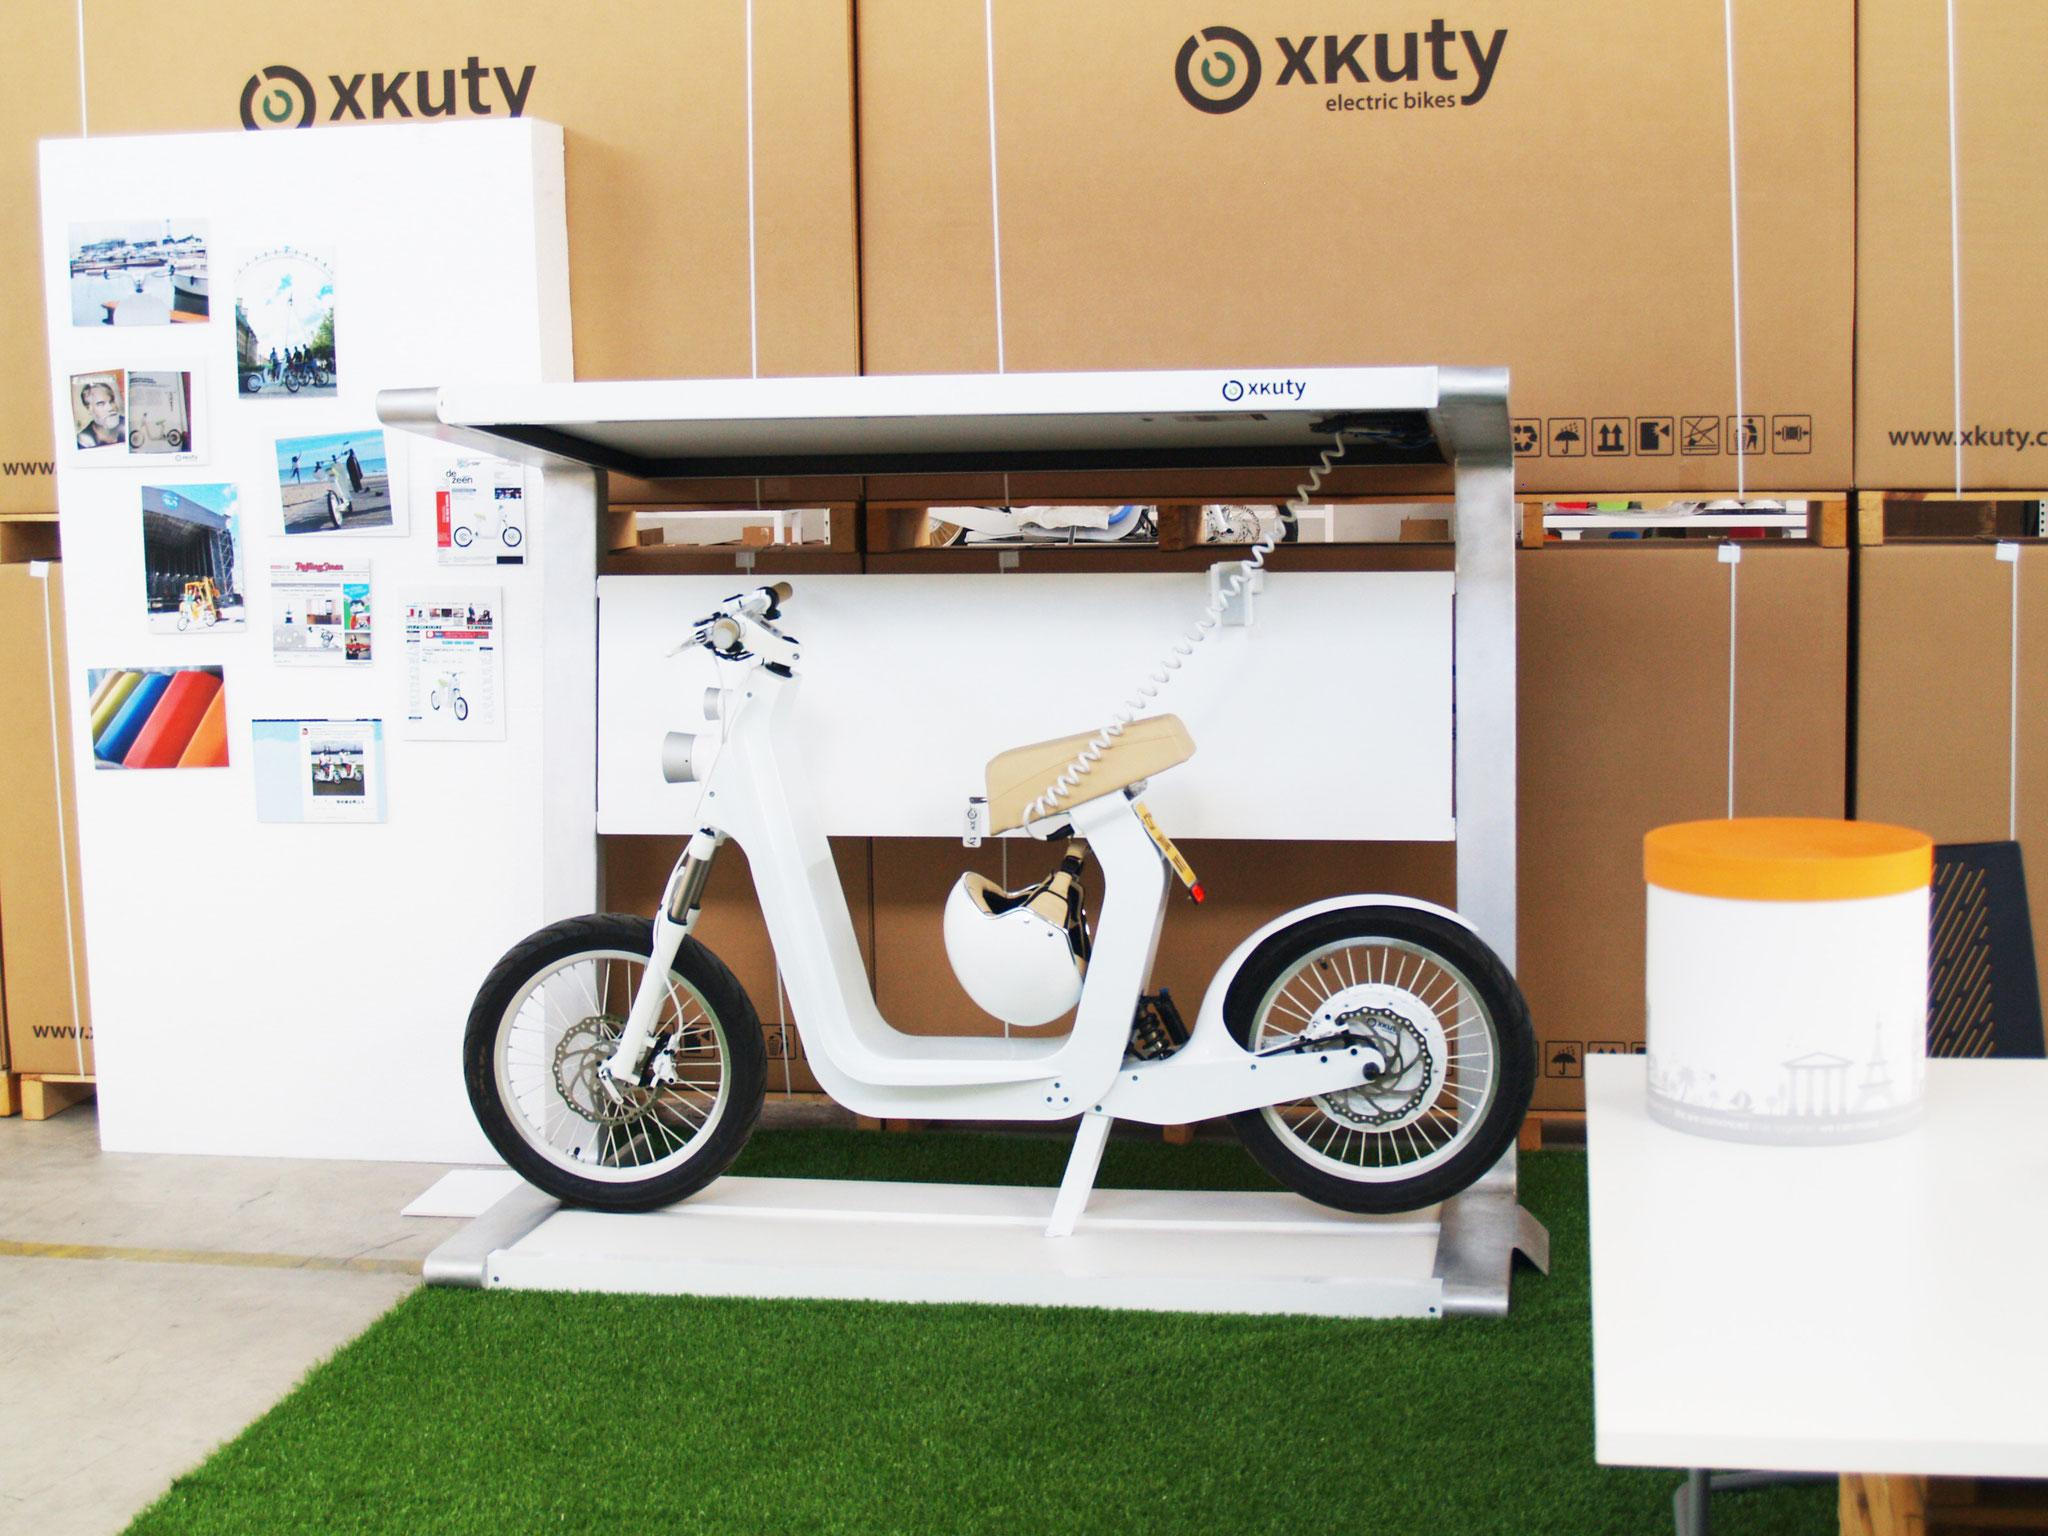 cargador solar para motos xkuty